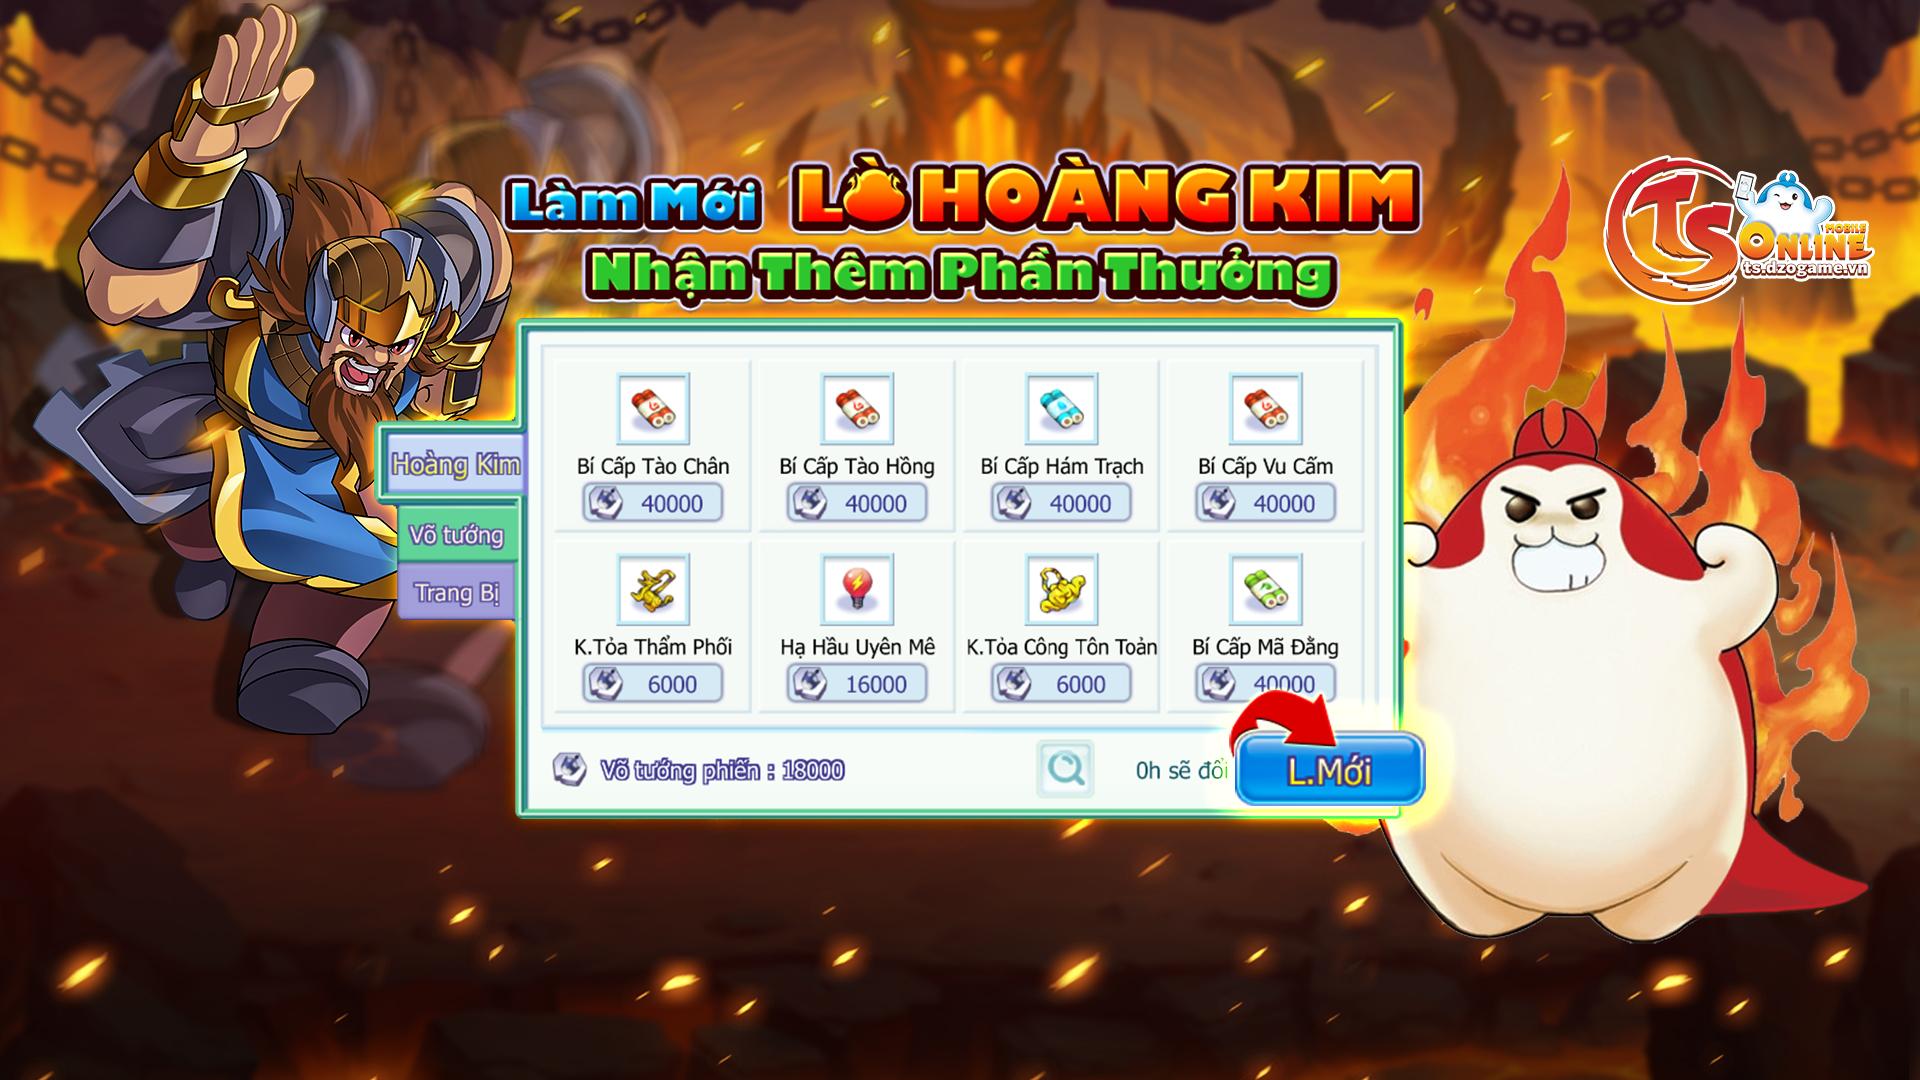 Lò Hoàng Kim